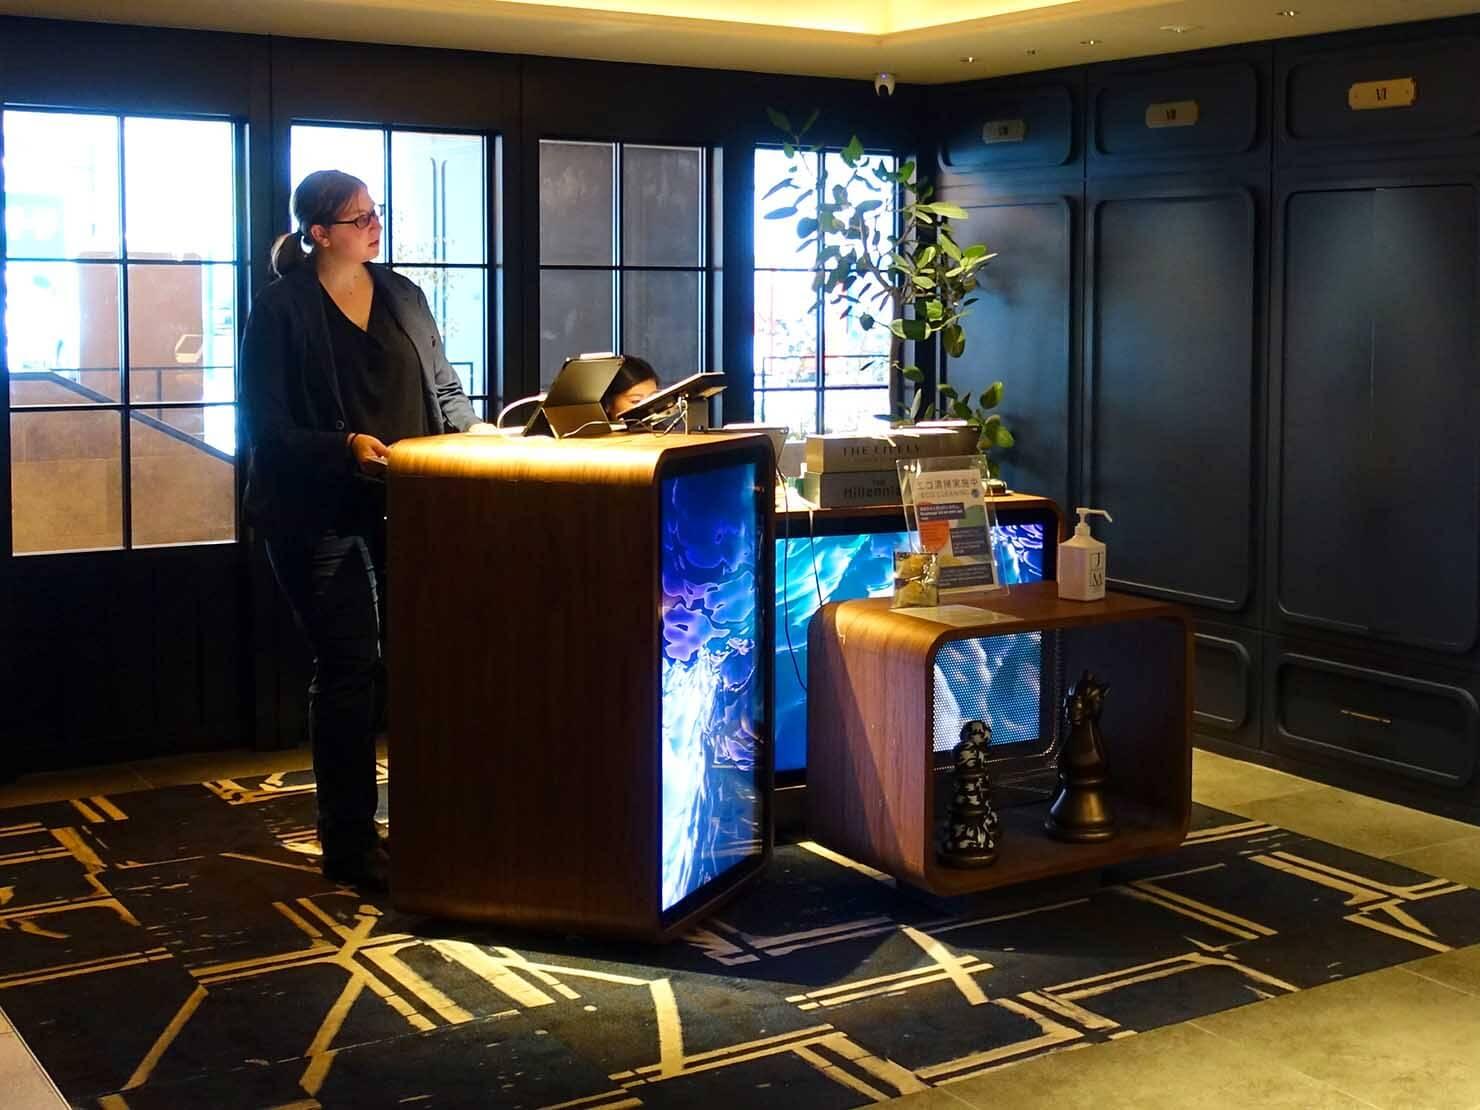 福岡・中洲川端にあるおしゃれなおすすめホテル「THE LIVELY」のチェックインカウンター